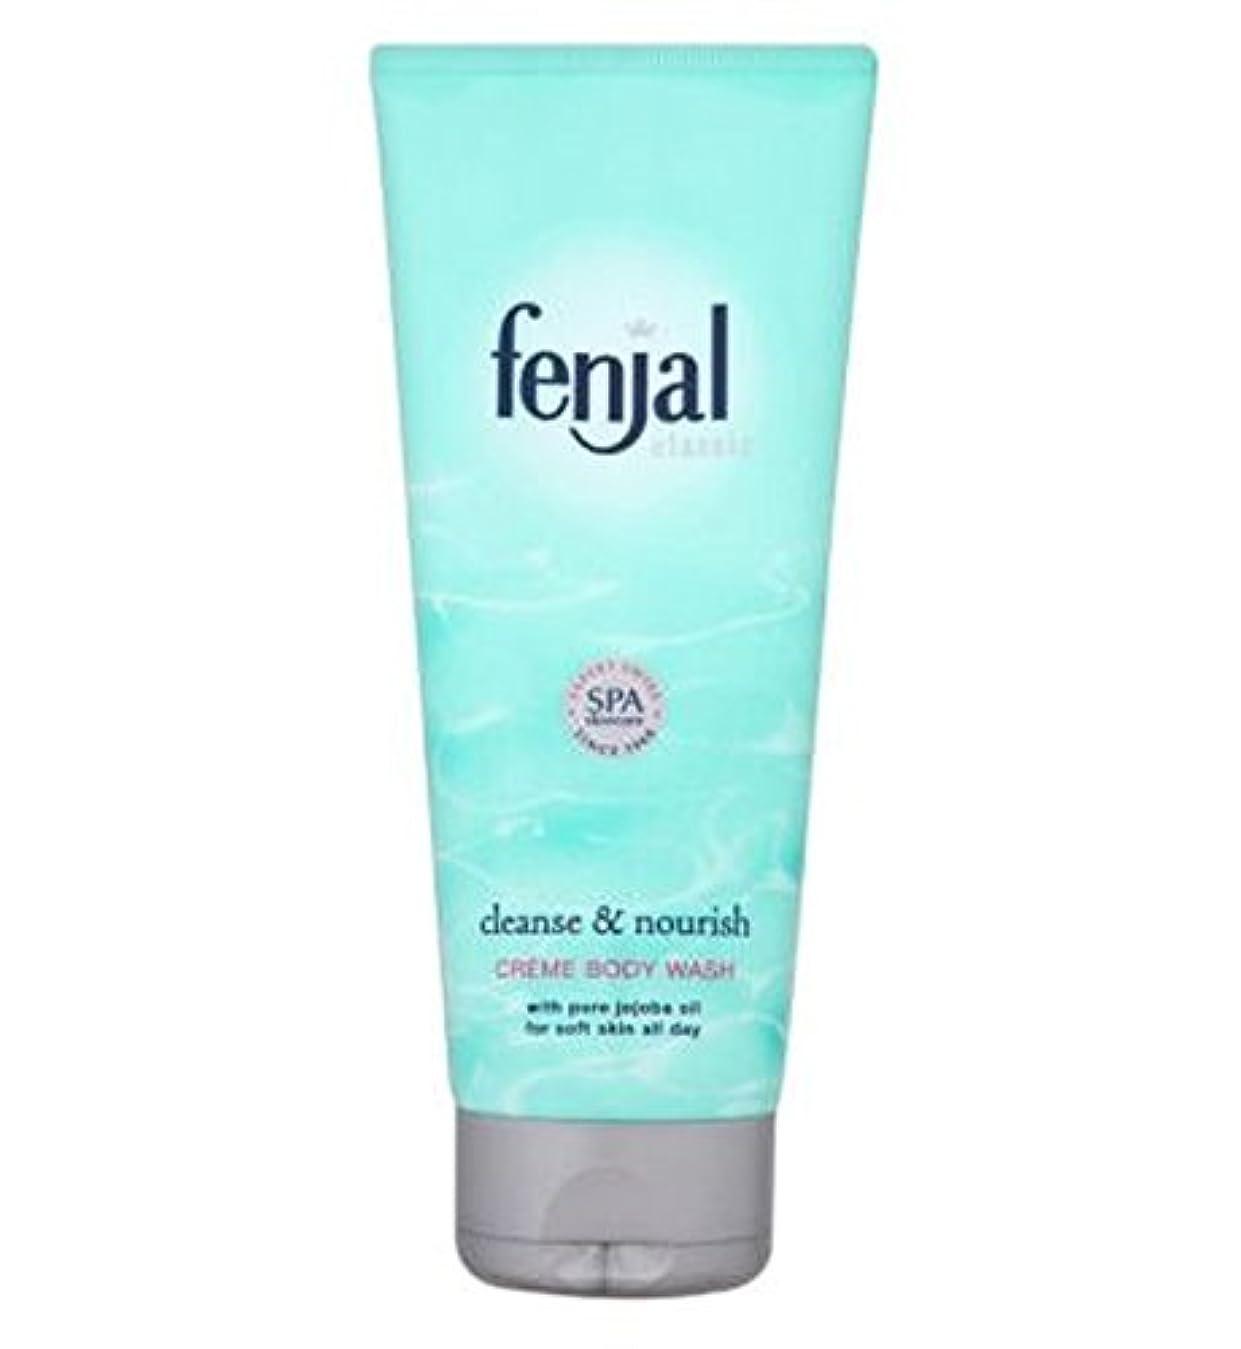 ピアニストリース火傷Fenjal古典的な高級クリームオイルボディウォッシュ (Fenjal) (x2) - Fenjal Classic Luxury Creme Oil Body Wash (Pack of 2) [並行輸入品]